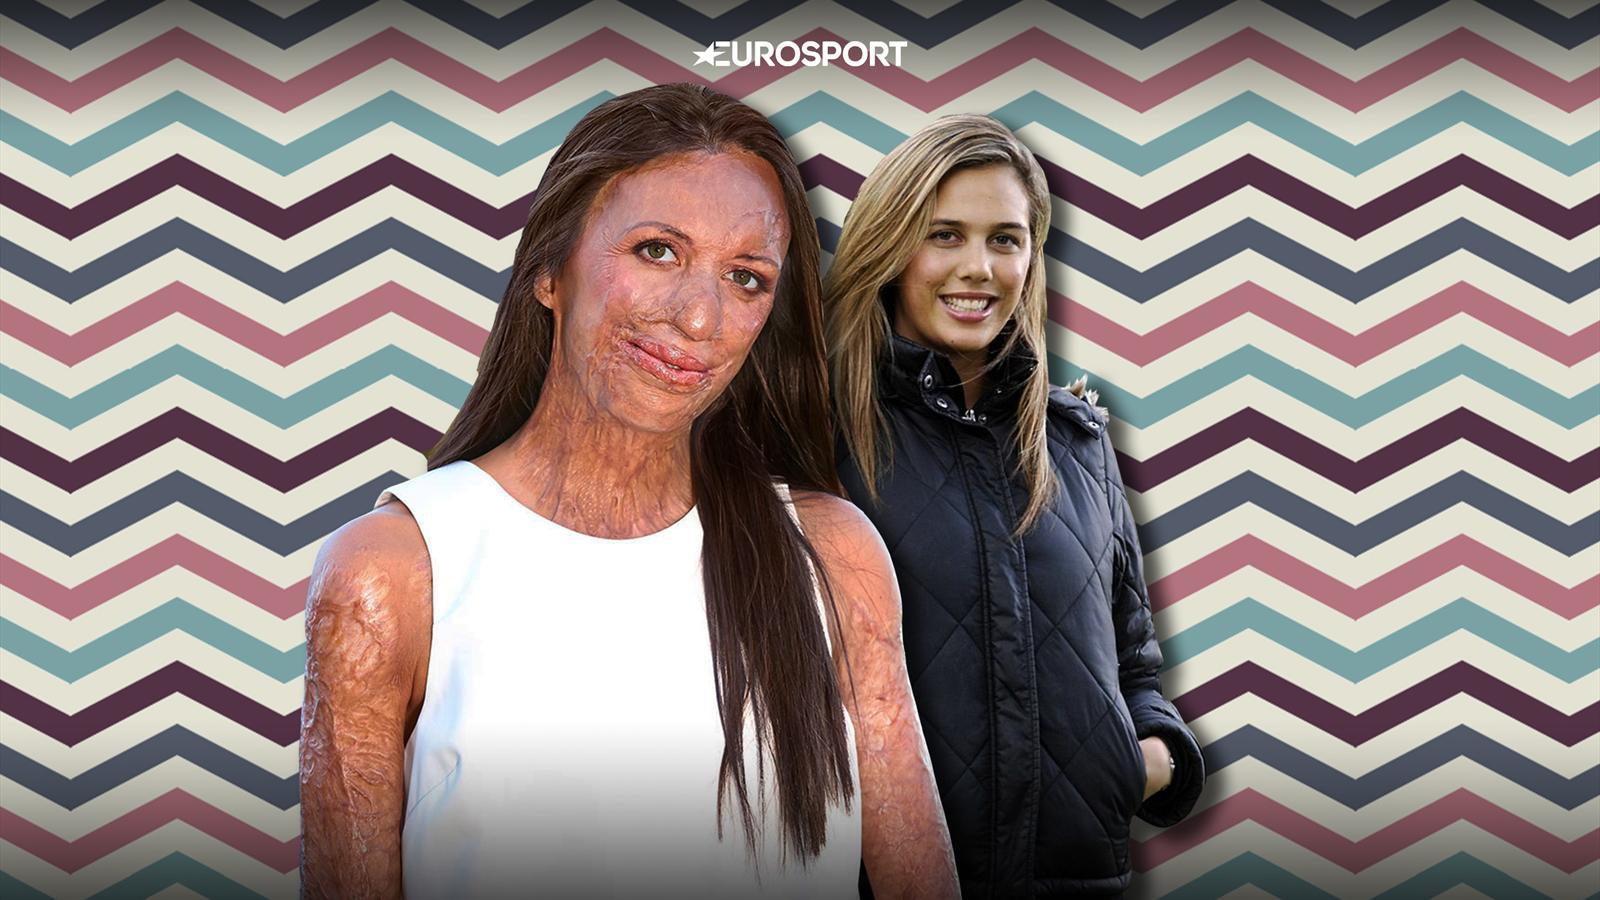 Пожар изуродовал участницу «Мисс Австралия». Она перенесла 200 операций, вернулась в спорт и родила